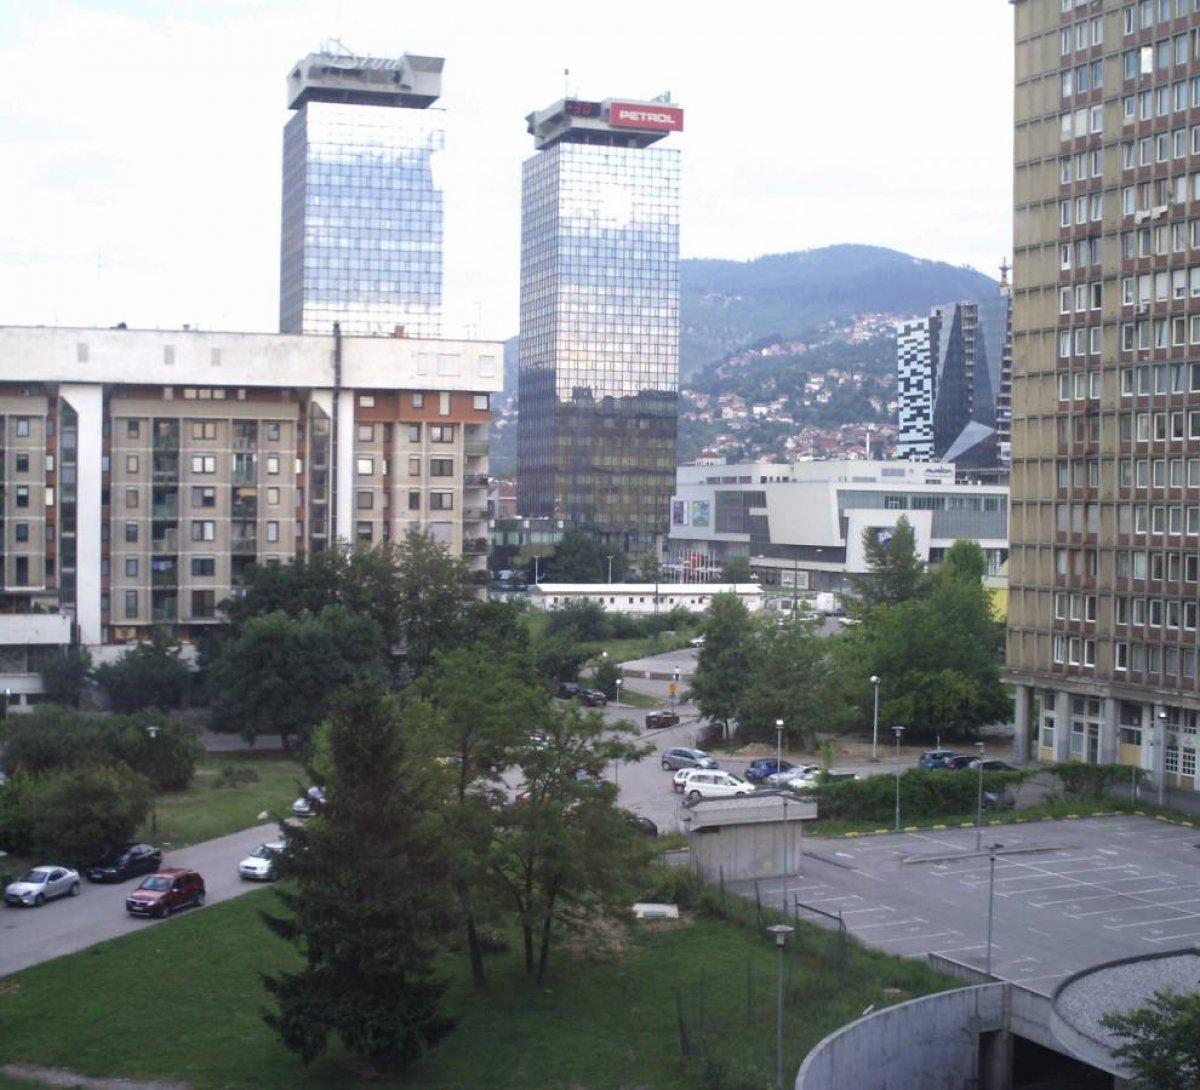 Sarajevu u brojevi kurvi Prostitucija u